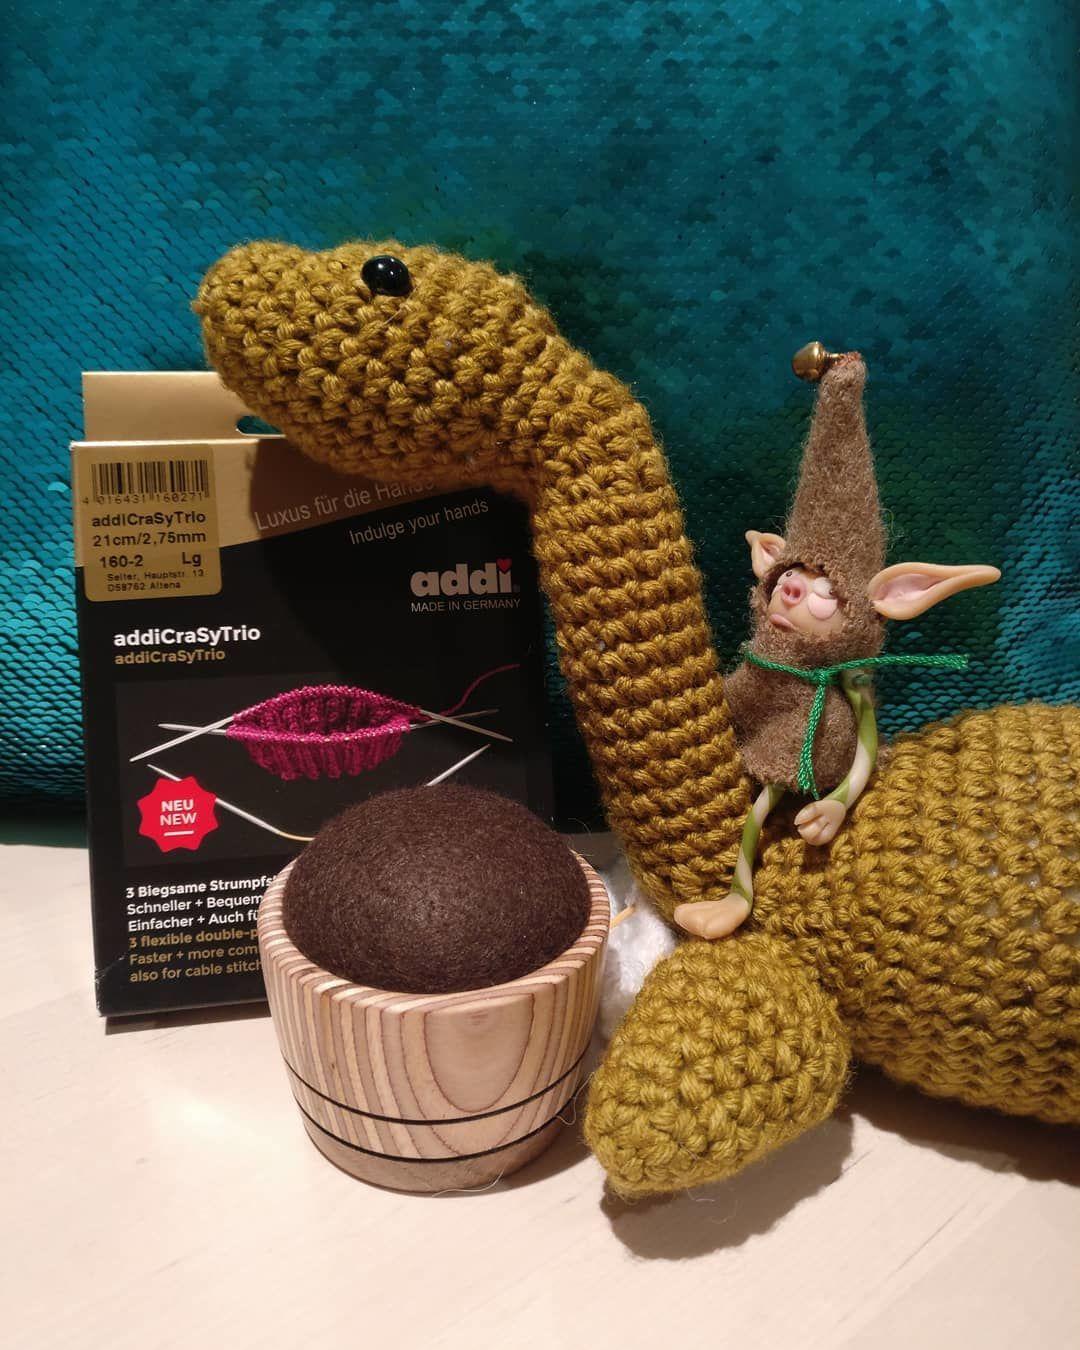 Вязальщики со всего мира в гостях у Лох-Несского чудовища: фестиваль Loch Ness Knit 2018 глазами гостей